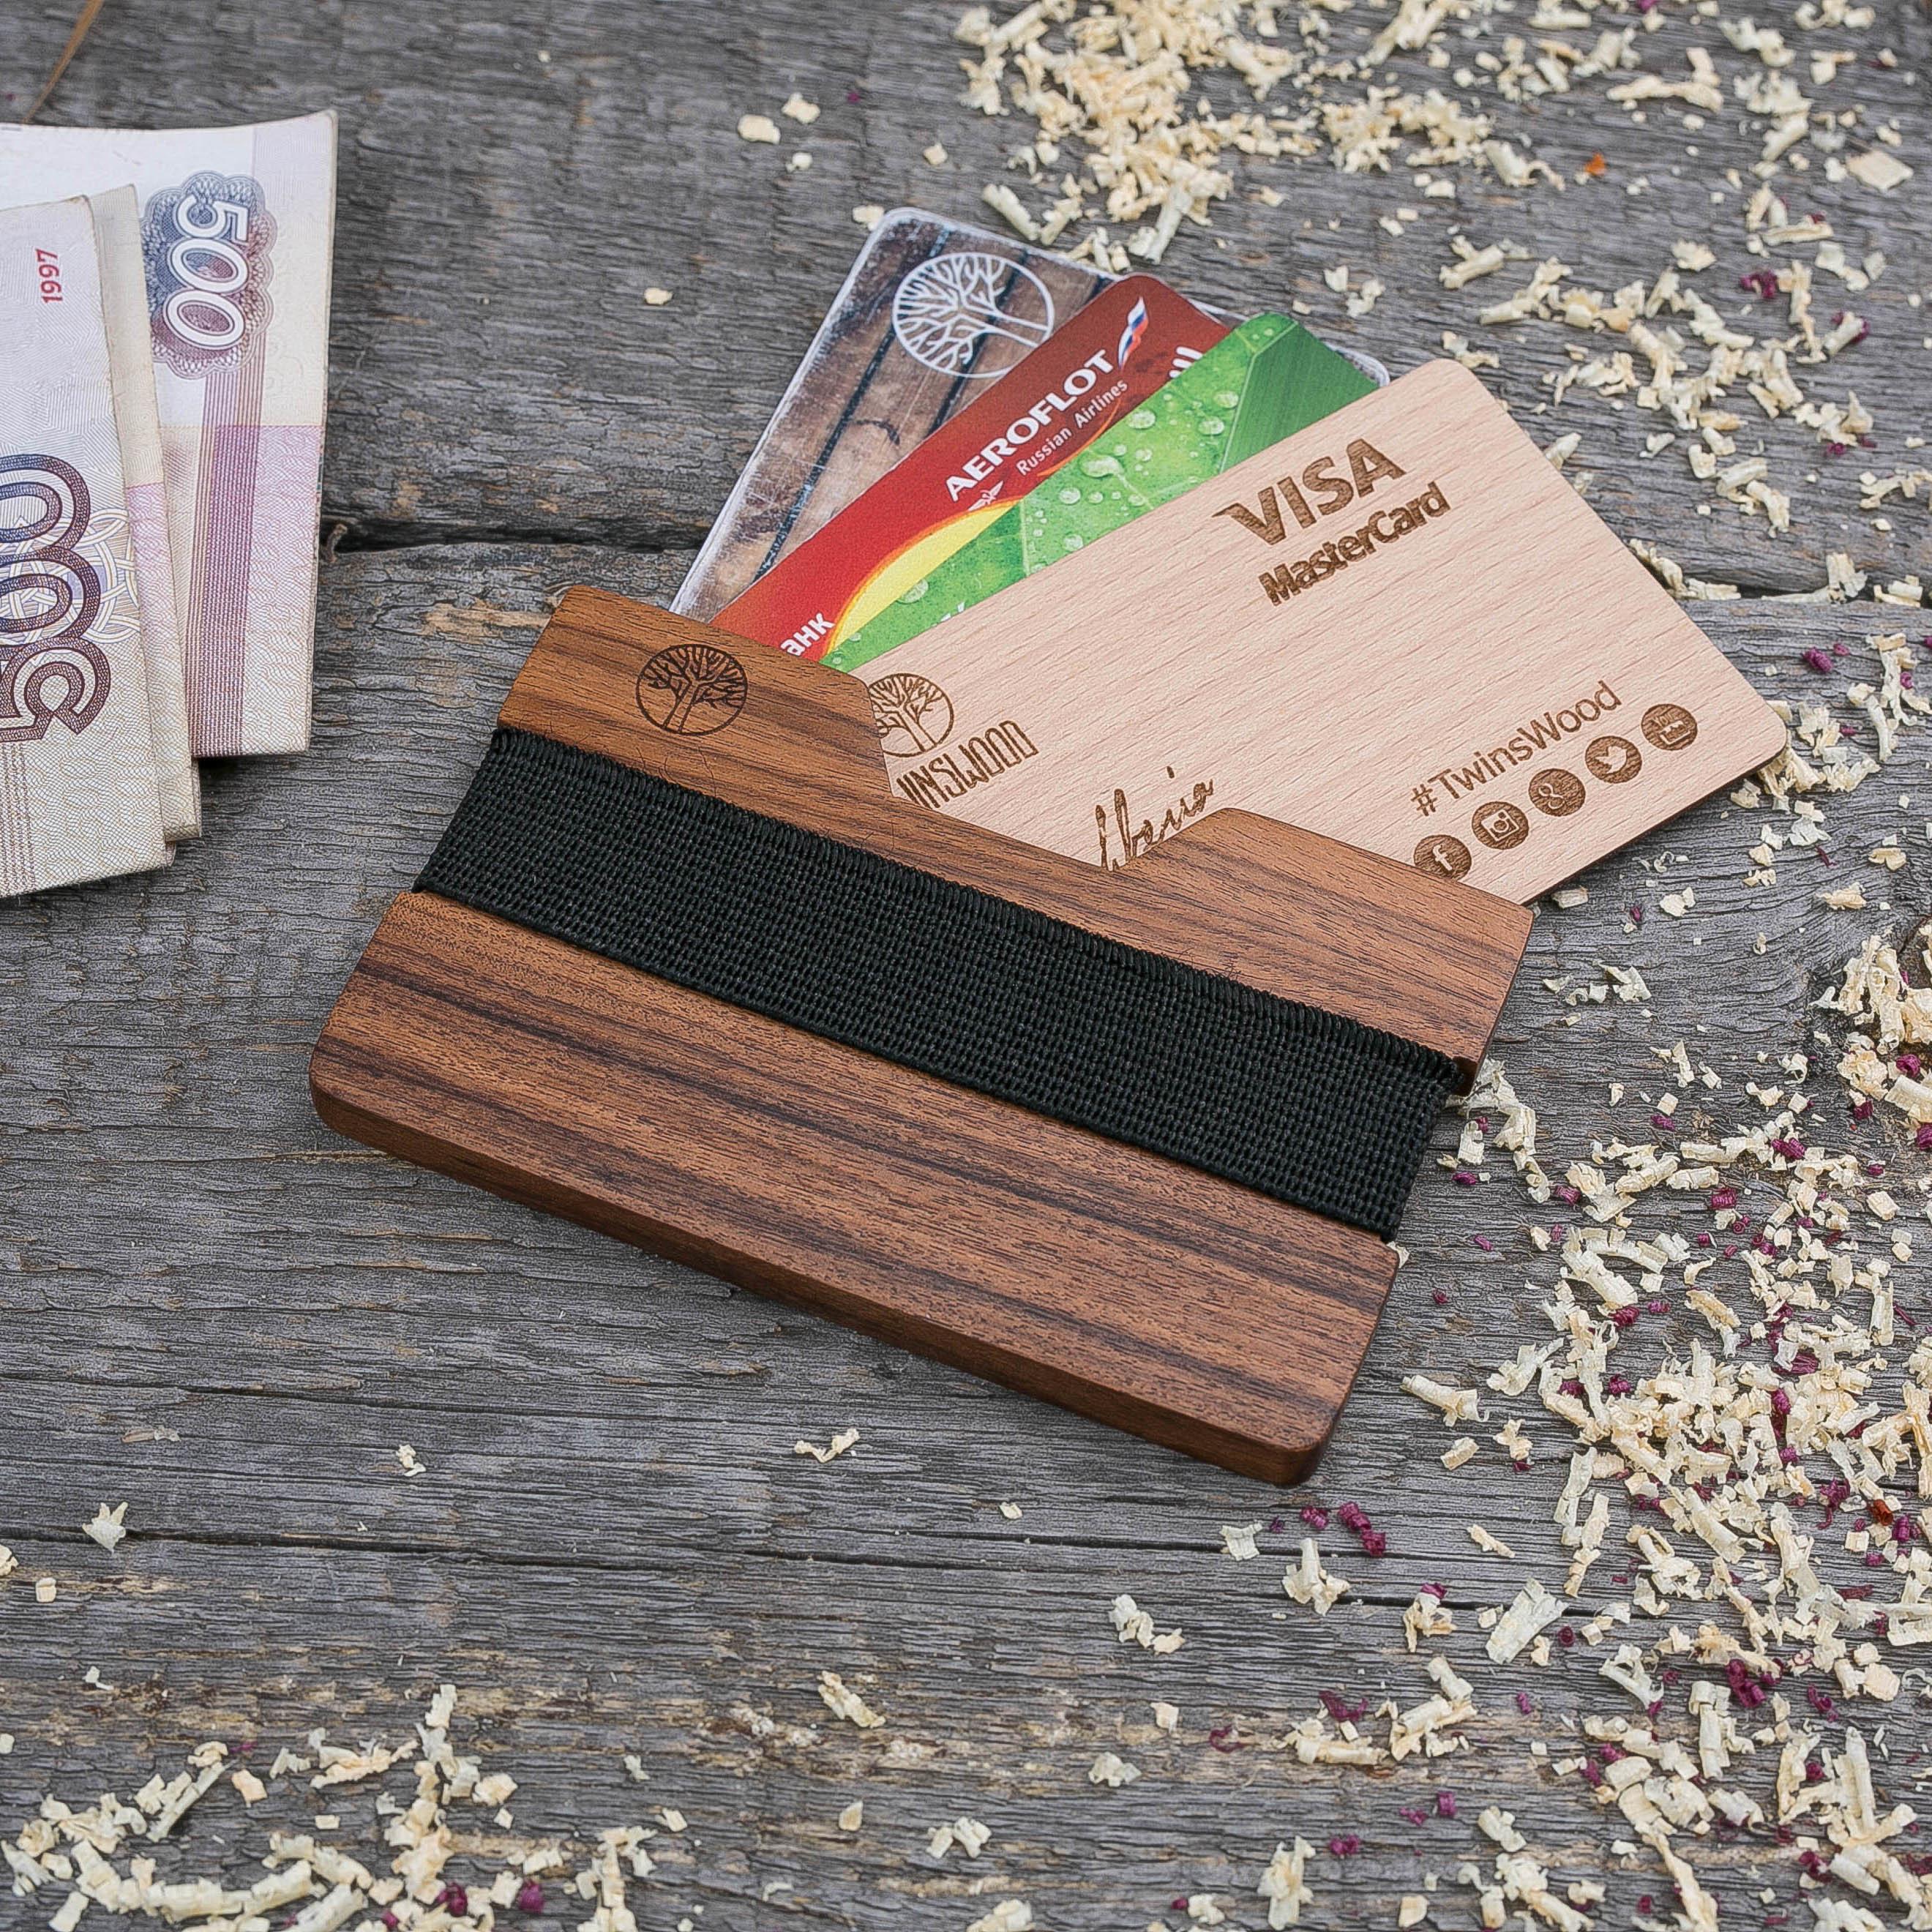 Деревянный кошелек  из палисандра. Горизонтальная загрузка. Для 1-6 пластиковых карт и купюр. Поддержка Apple Pay. Гравировка имени или логотипа. Бизнес сувенир. Подарок другу. Именной кошелек TwinsWood-RosewoodH